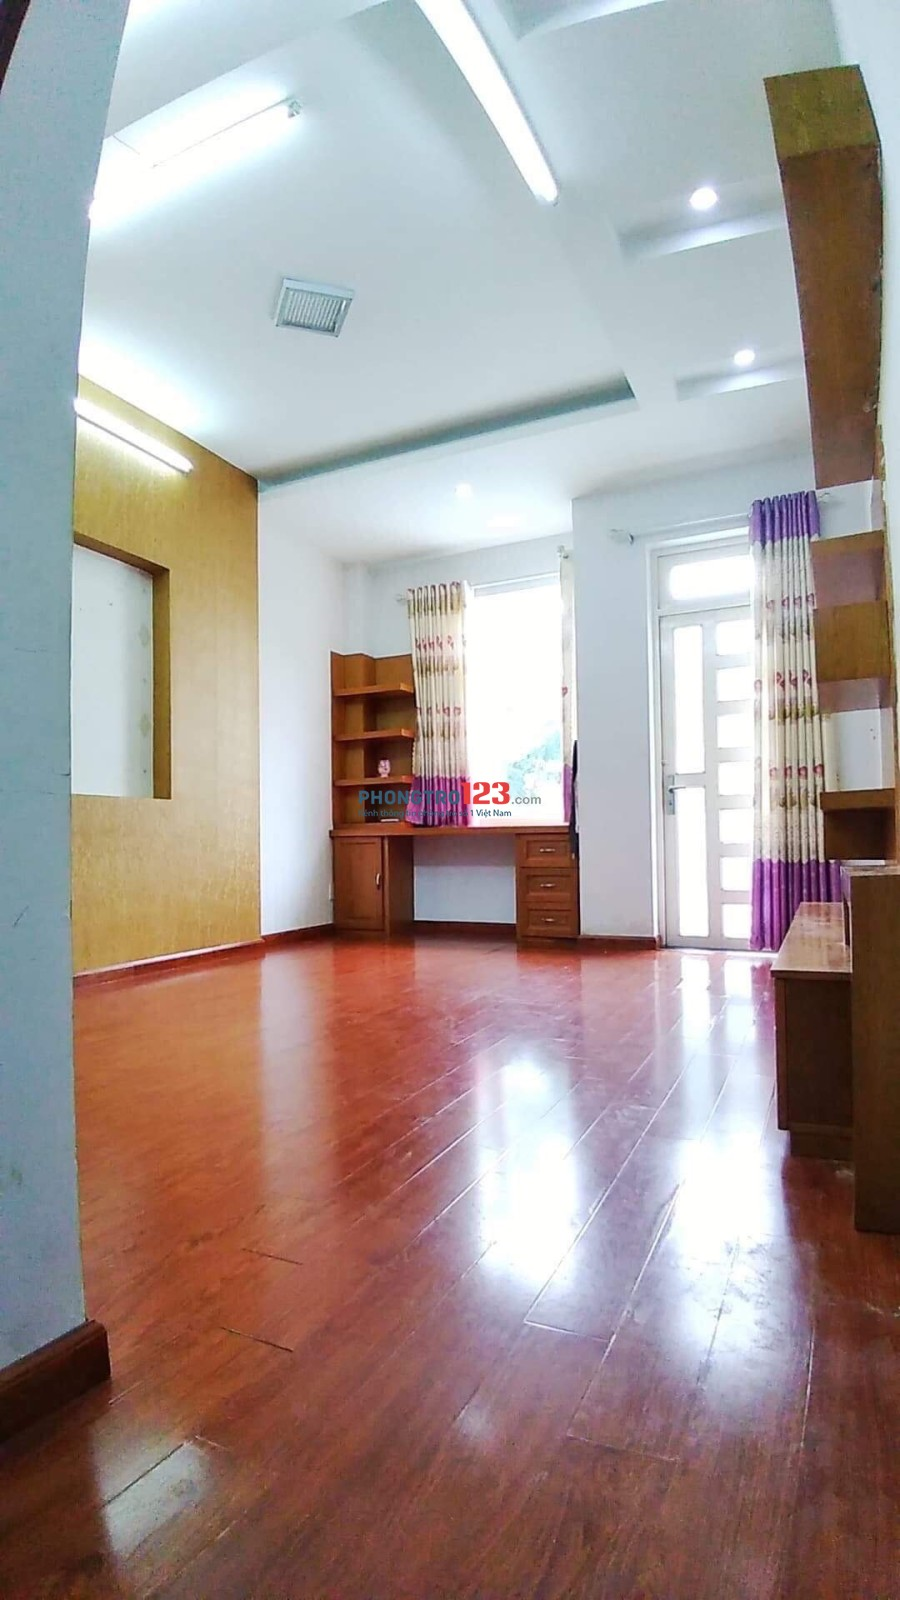 Phòng trọ Phạm Văn Chiêu, Gò Vấp, 30m2, ban công, máy lạnh, giá 3,6tr